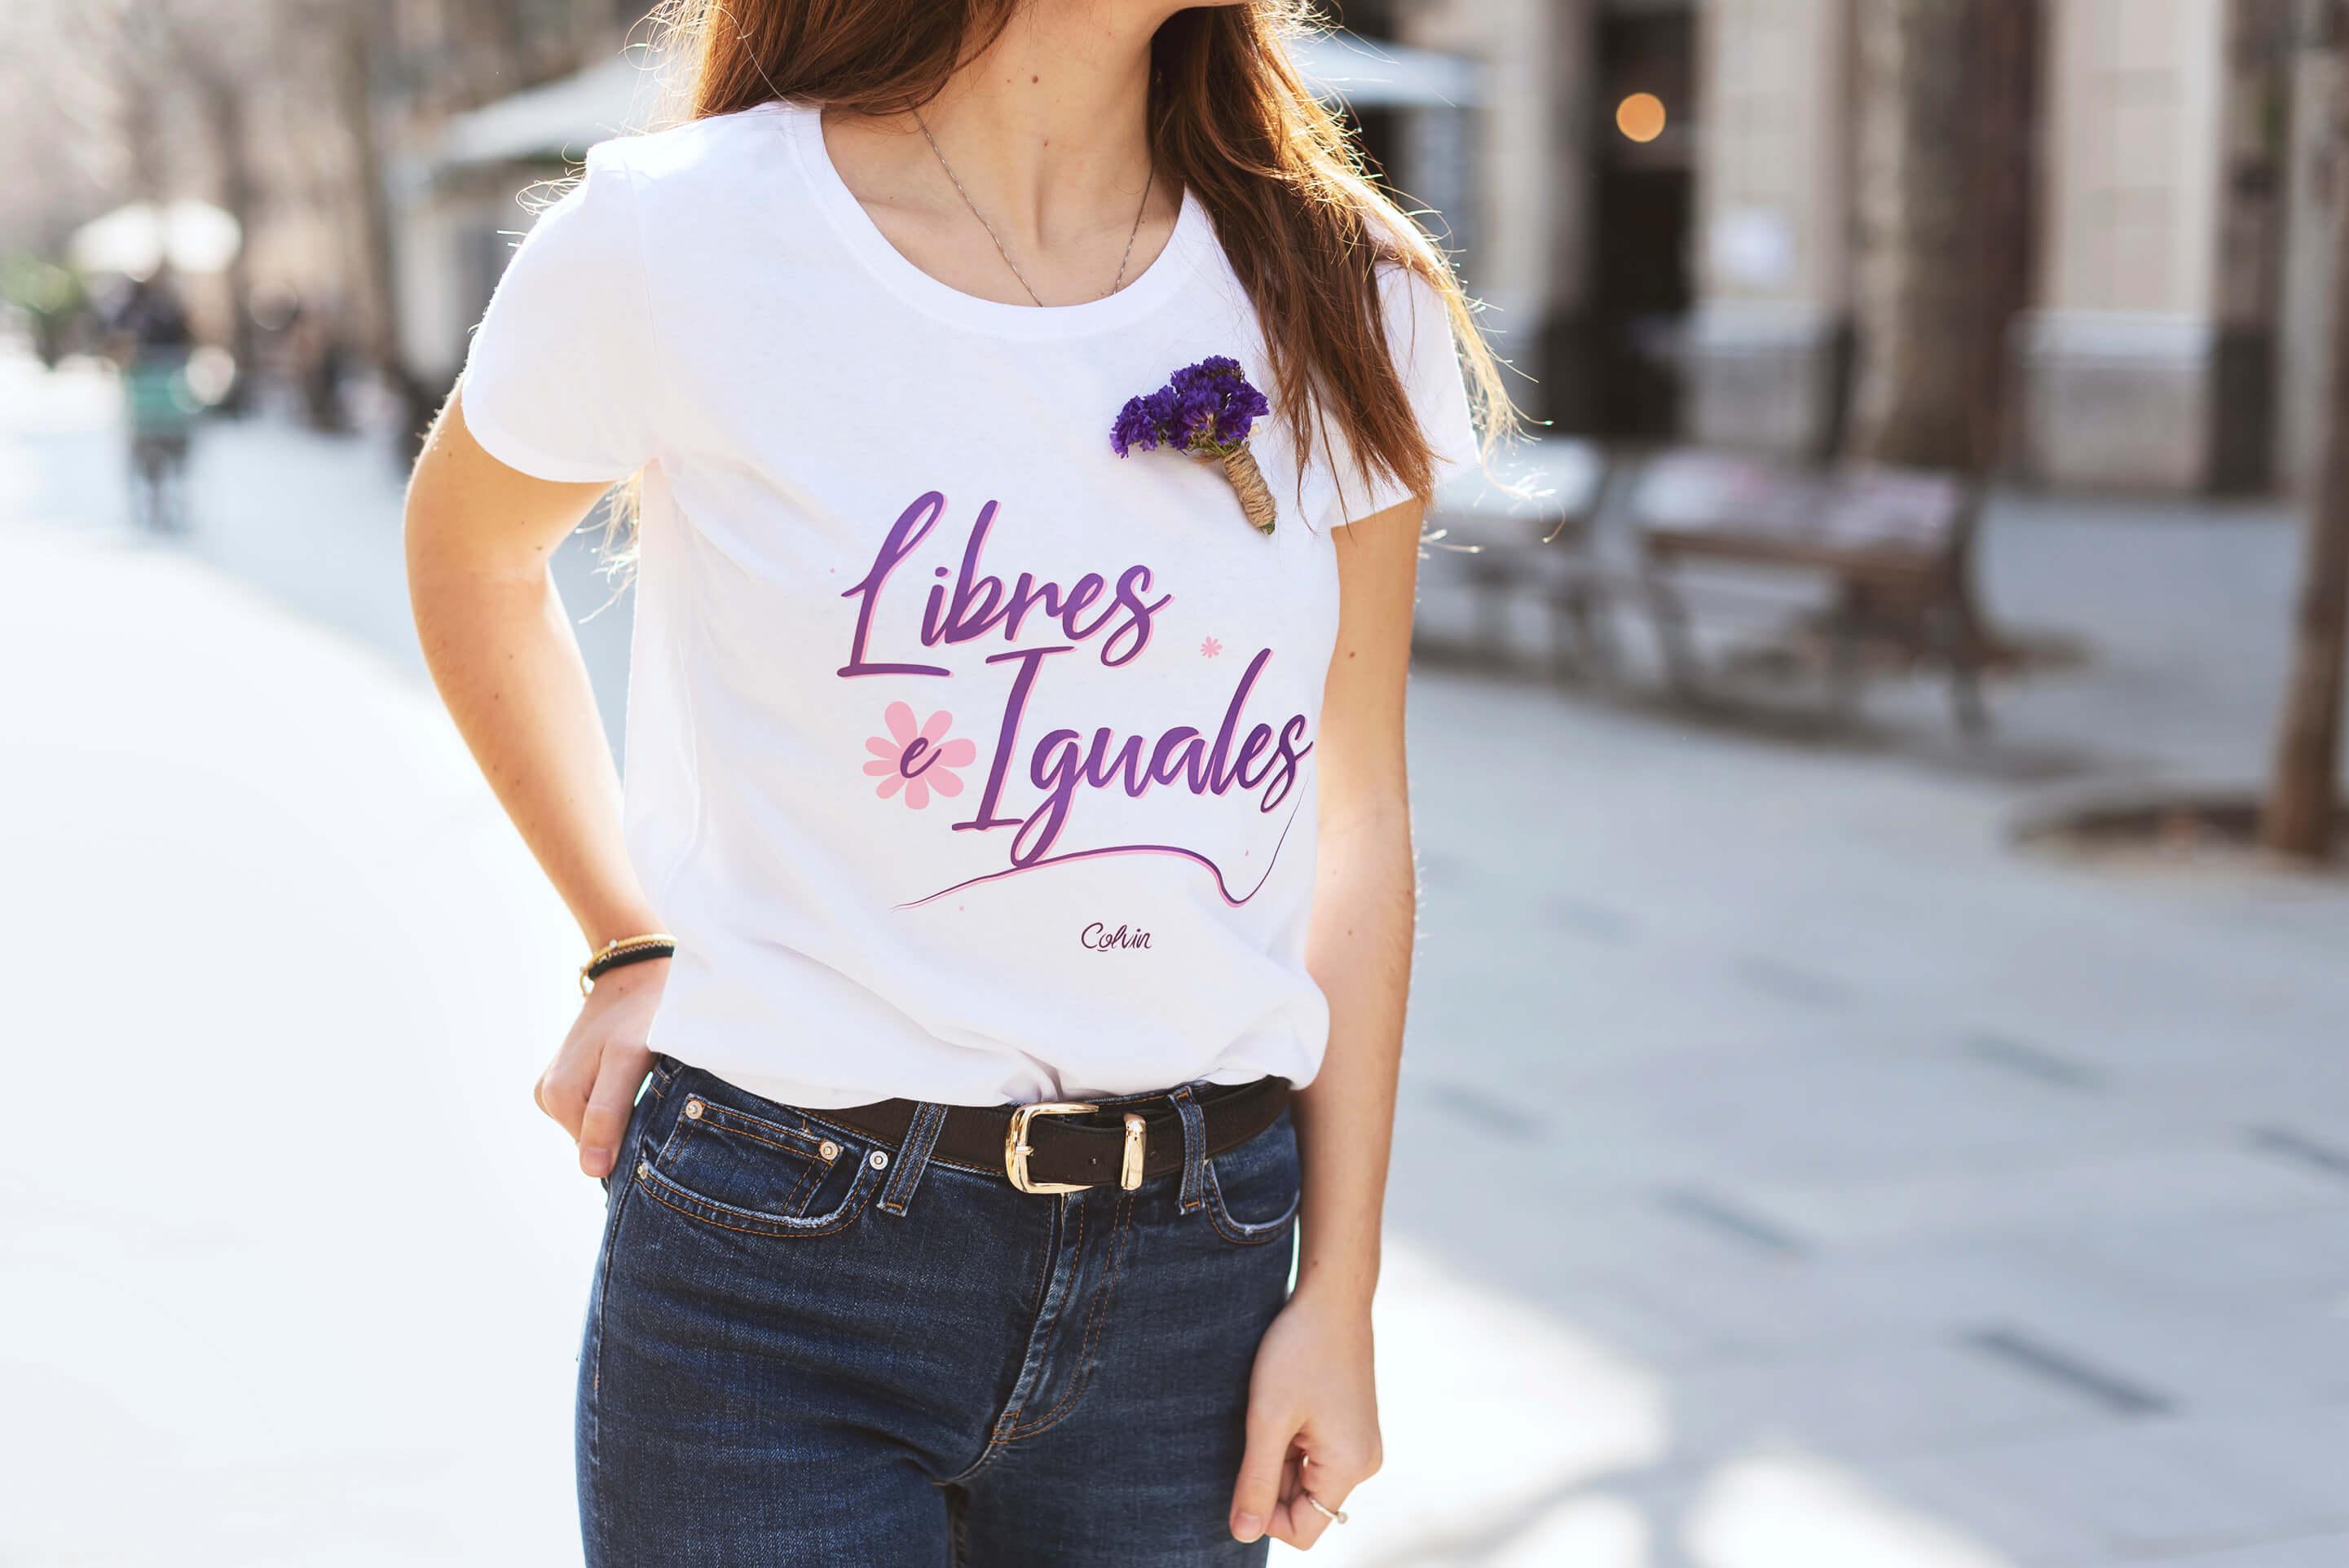 Libres e iguales camiseta para el día de la mujer